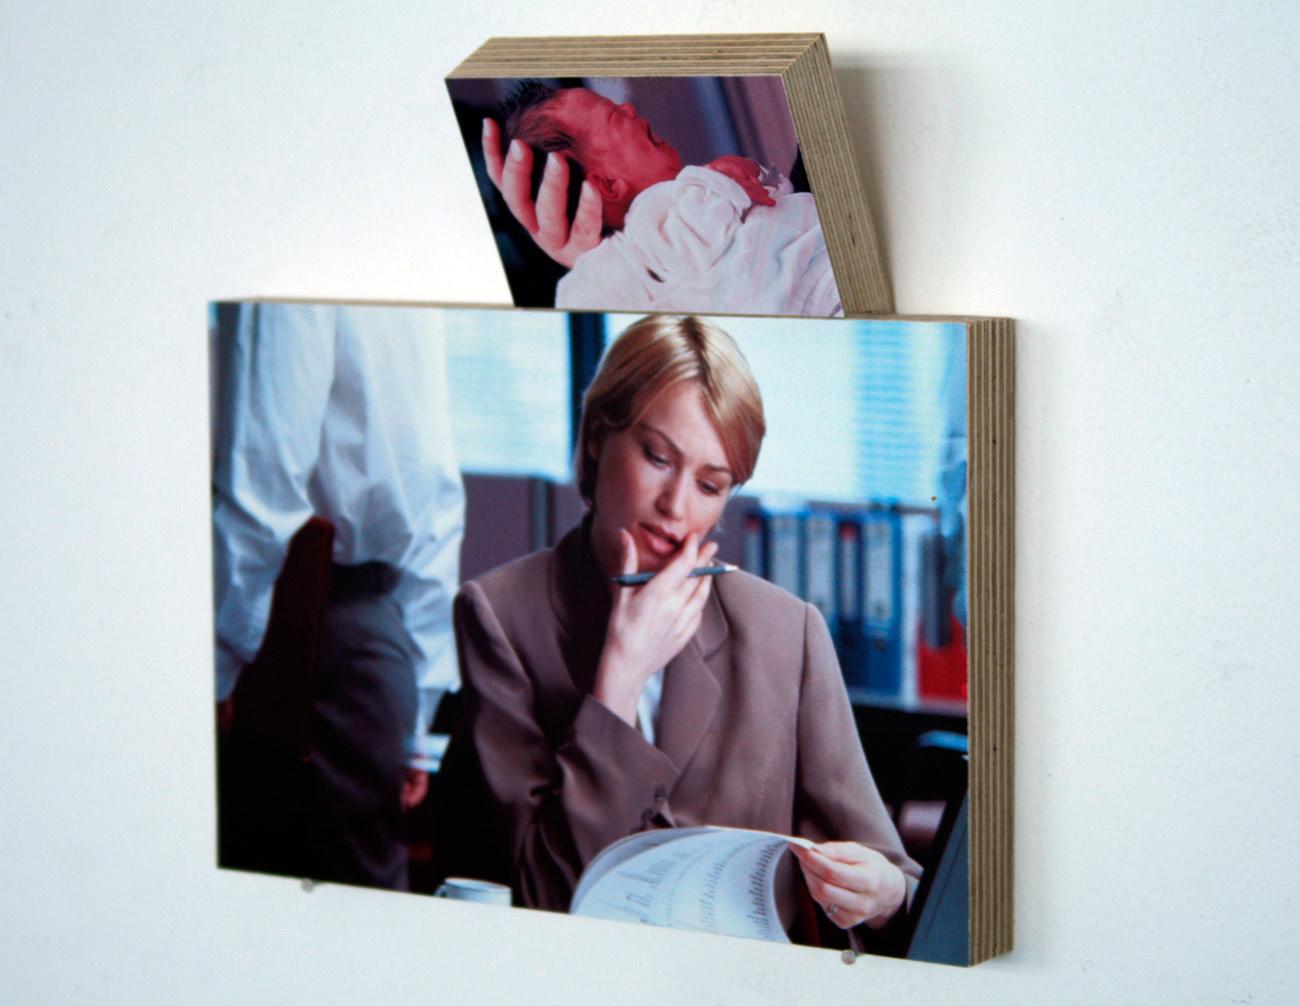 sam-porritt-image-divining-III-dilemma-2009-2011